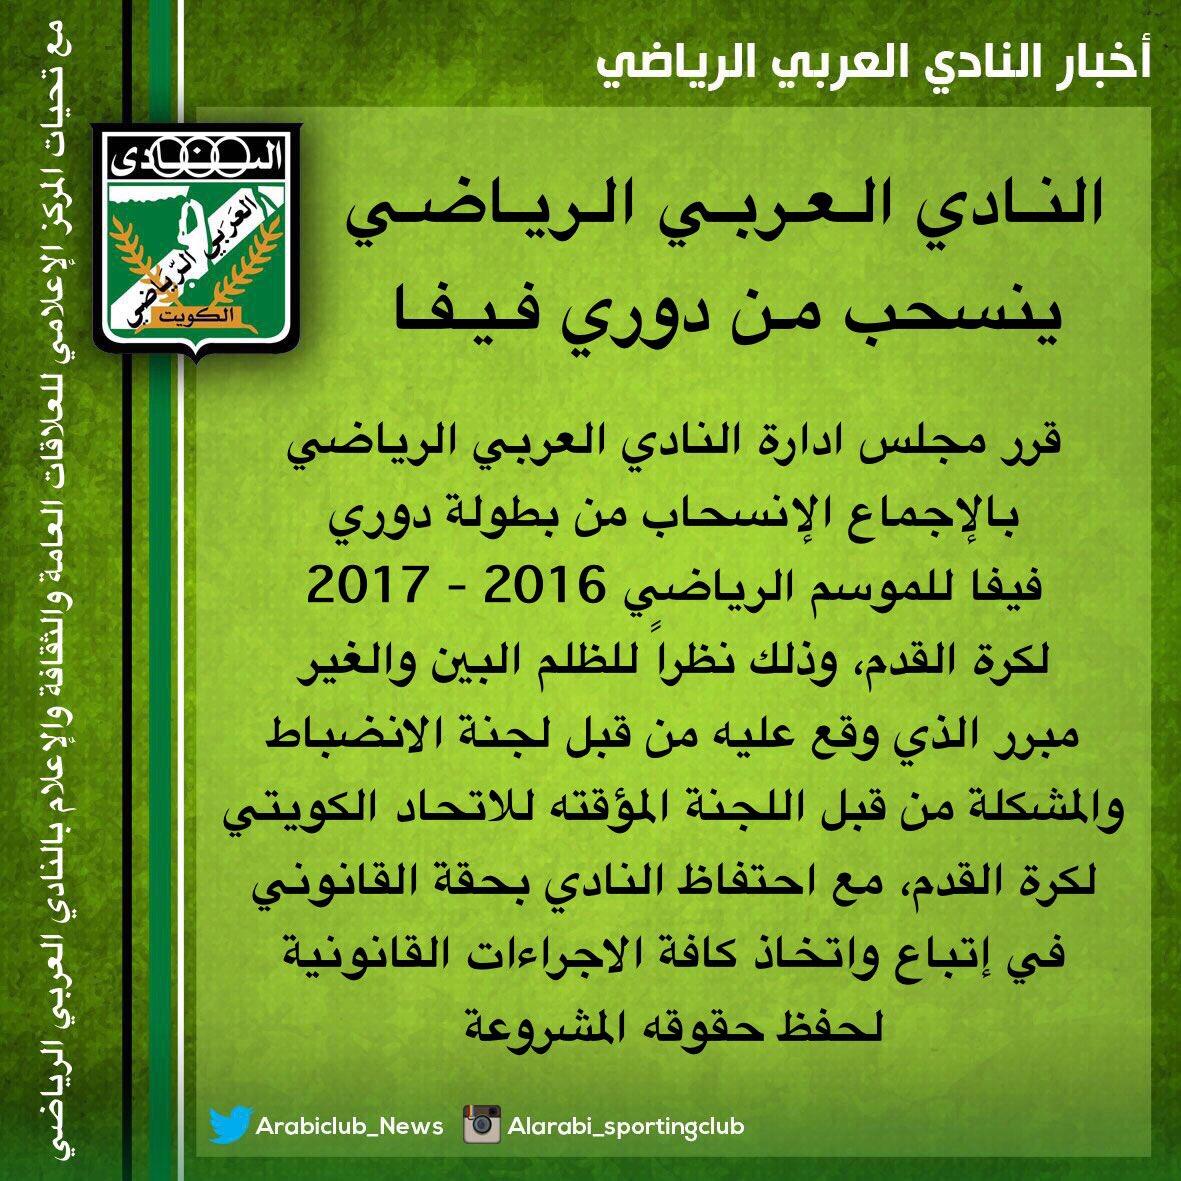 العربي ينسحب من دوري فيفا https://t.co/Iuax9ZWIYZ